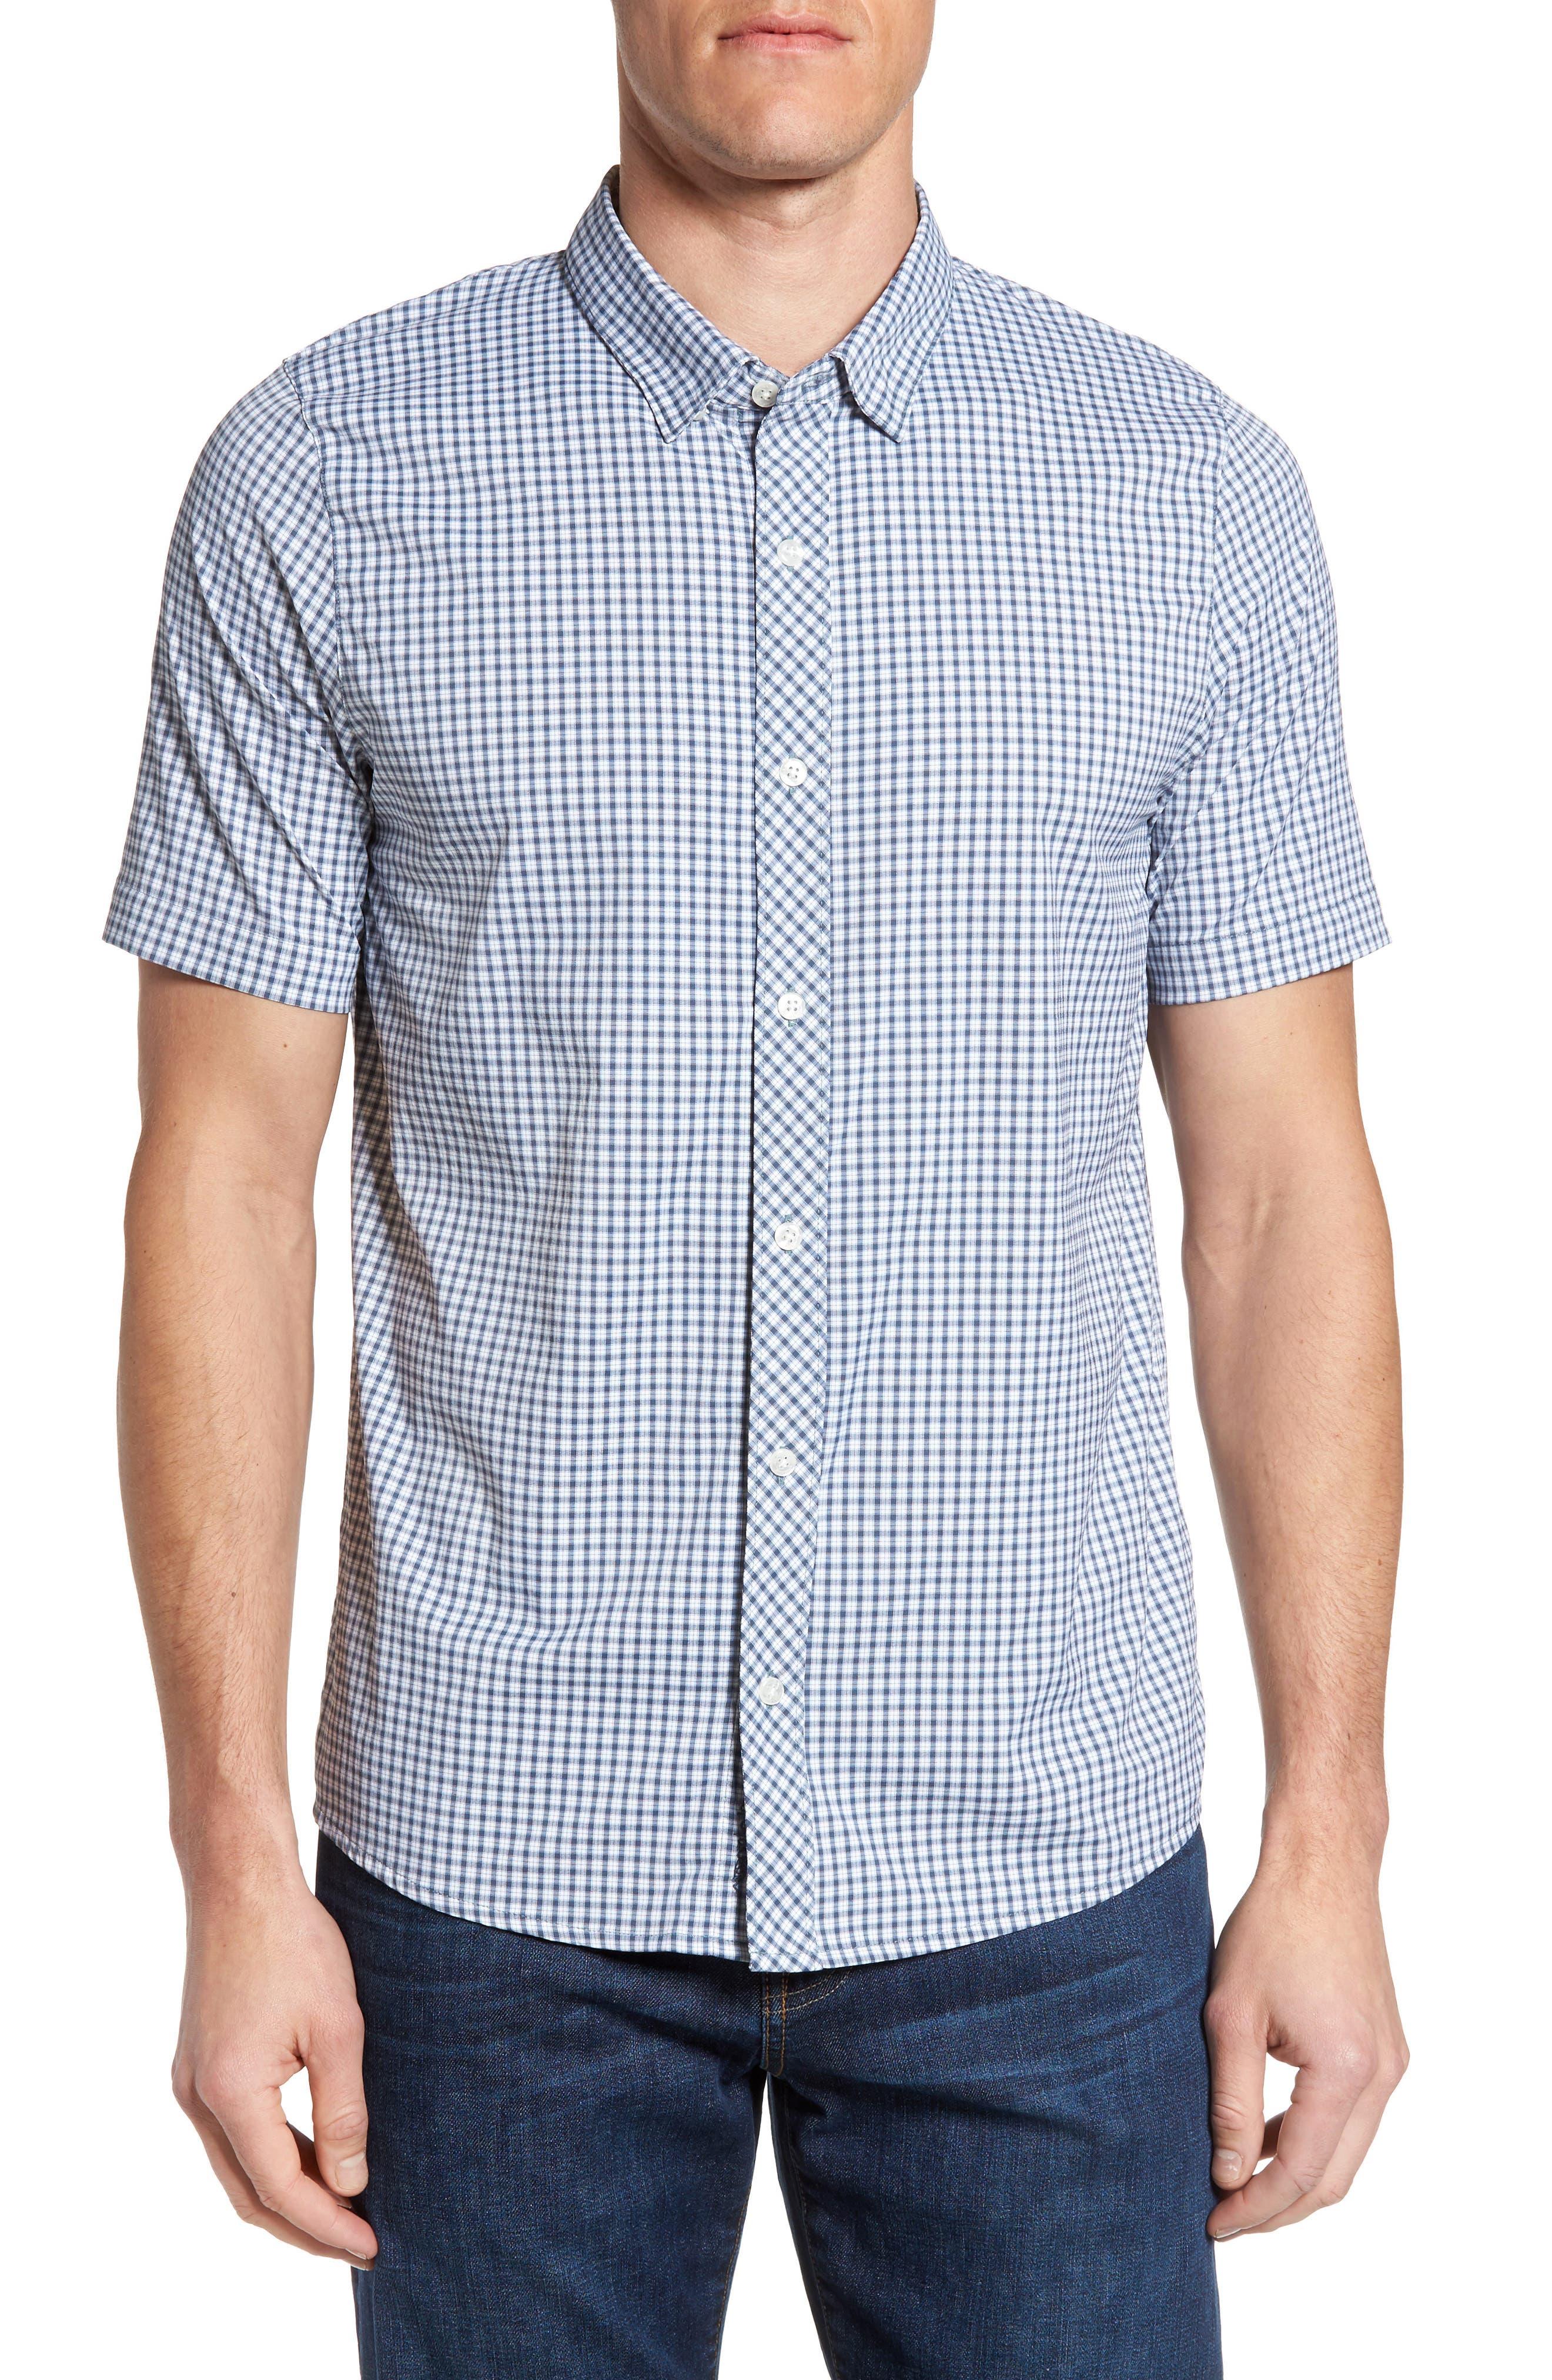 Barker Trim Fit Plaid Sport Shirt,                         Main,                         color, 400